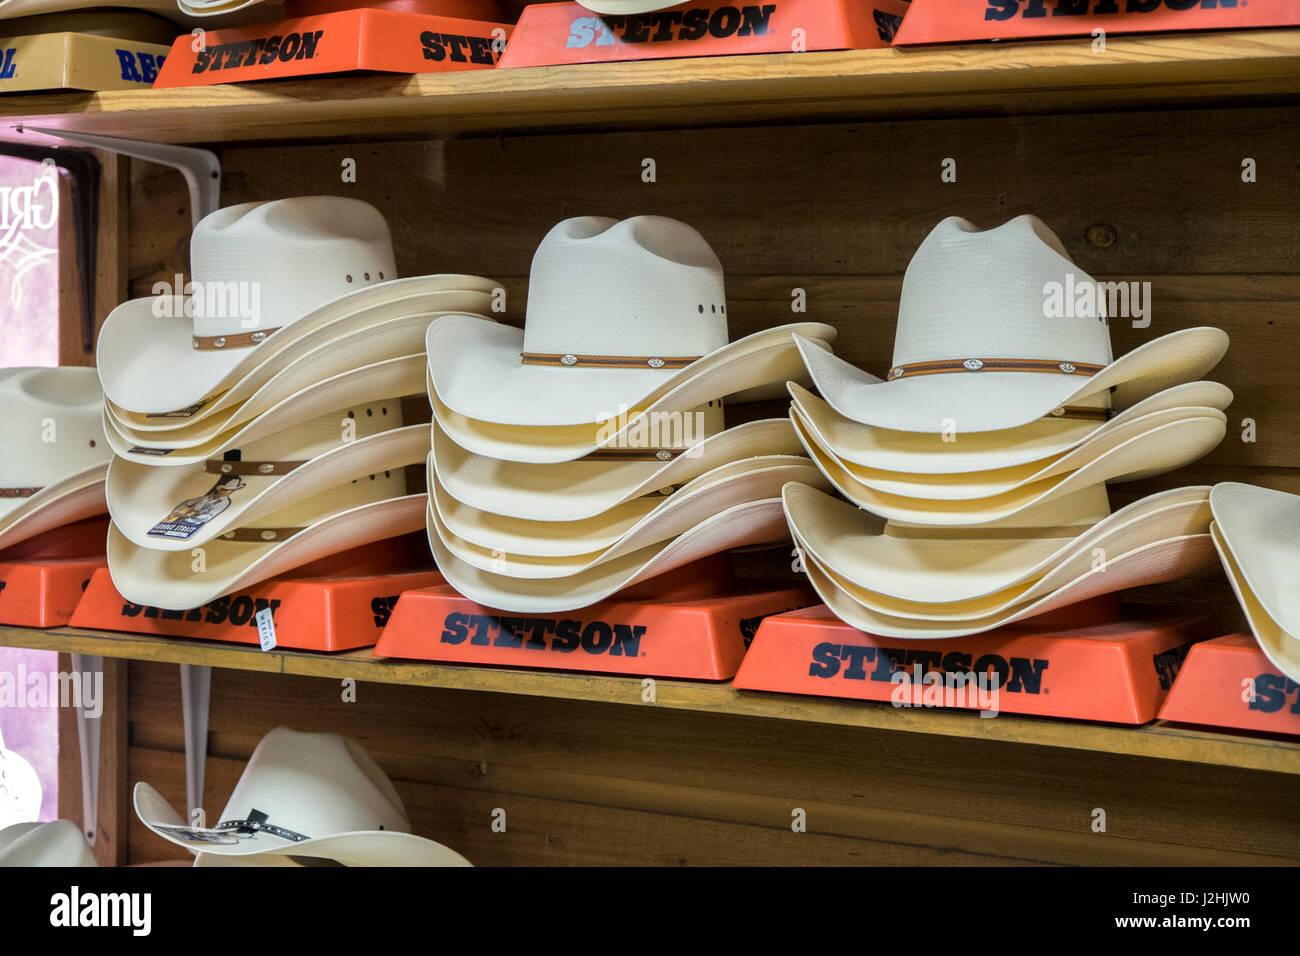 Sombrero vaquero stetson austin texas foto imagen jpg 1300x956 Sombrero  cowboy hat texas 835da33a1d1